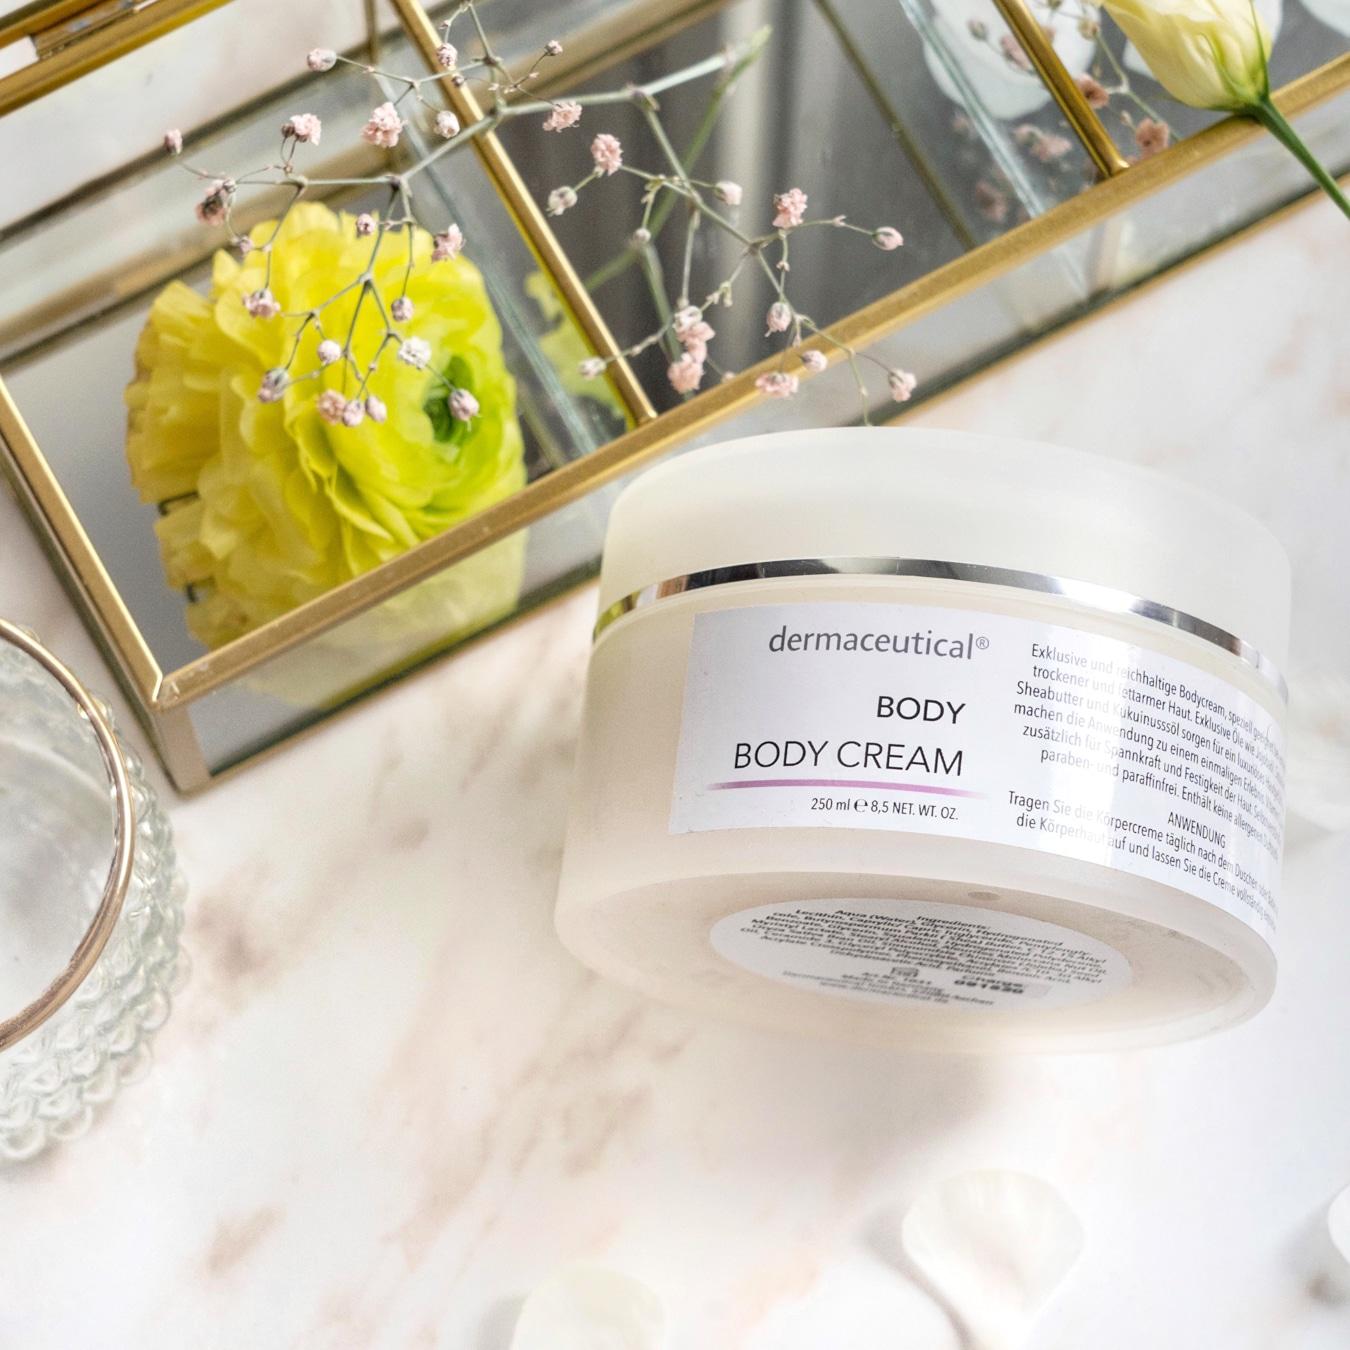 Body Cream - reichhaltige Bodycream für ein luxuriöses Hautgefühl